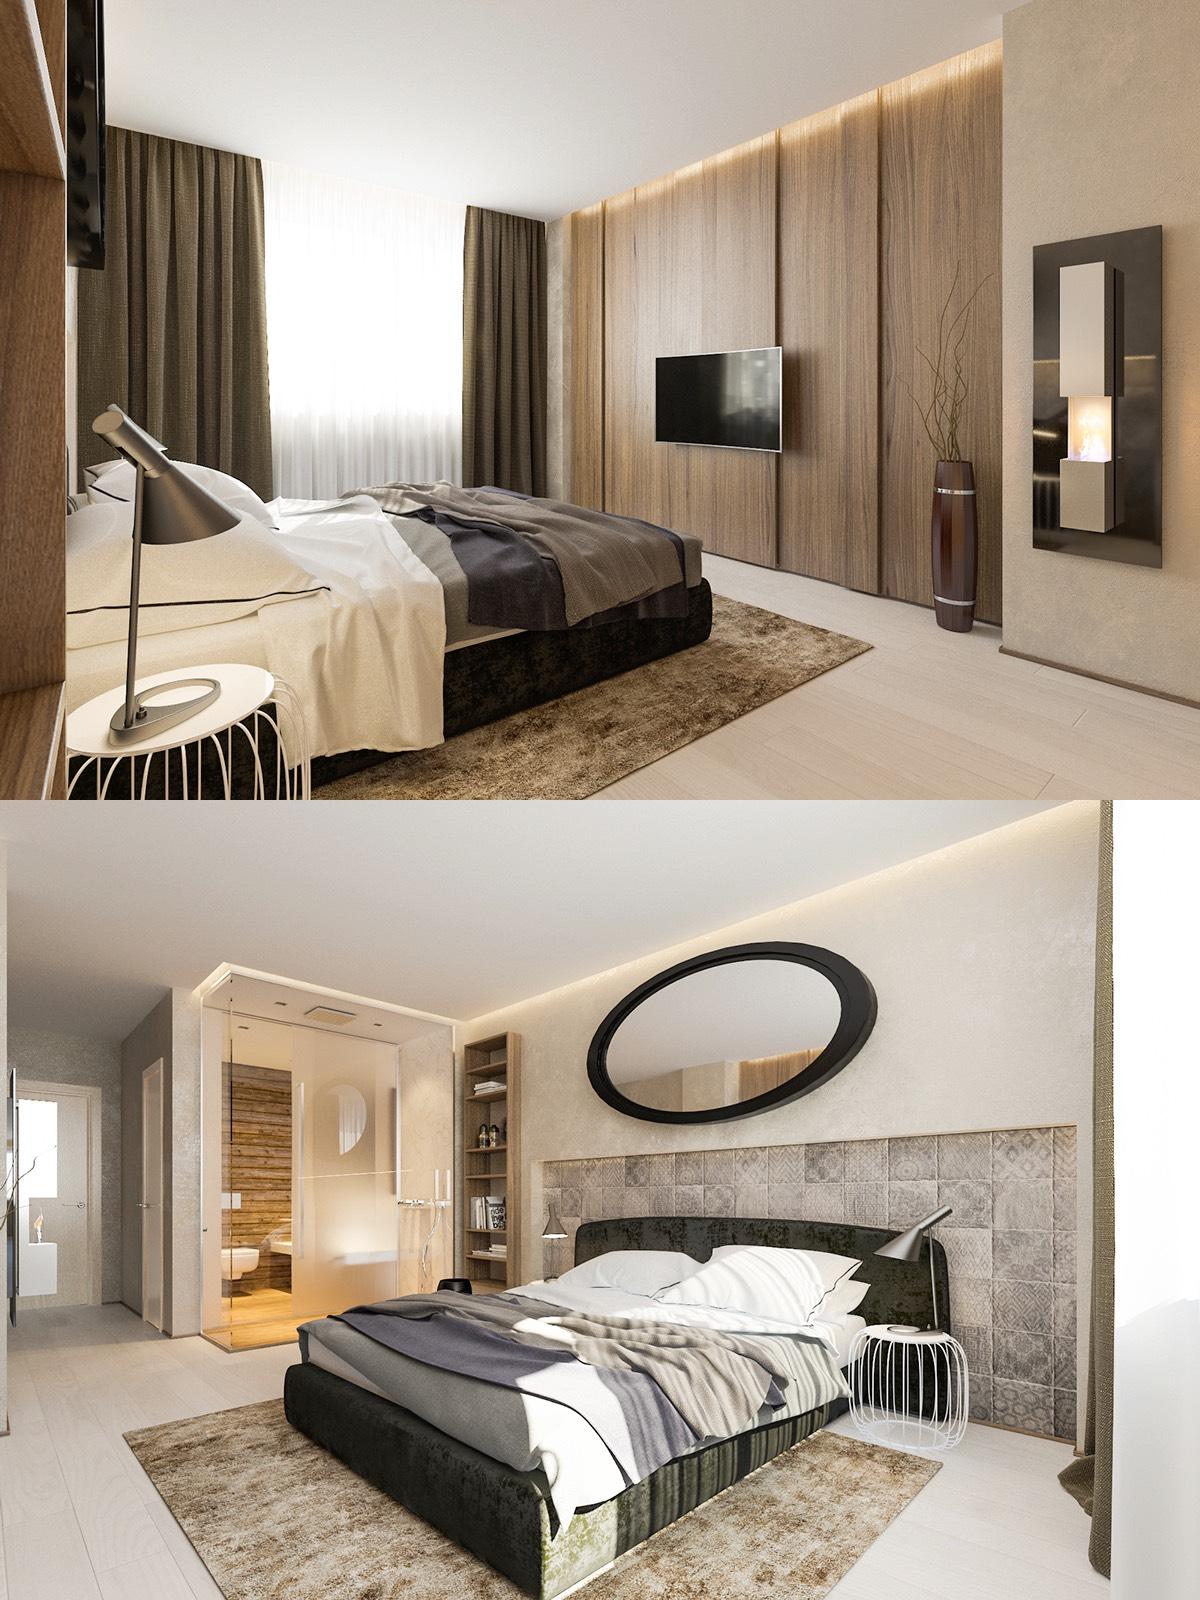 Miroir ovale au mur dans une chambre